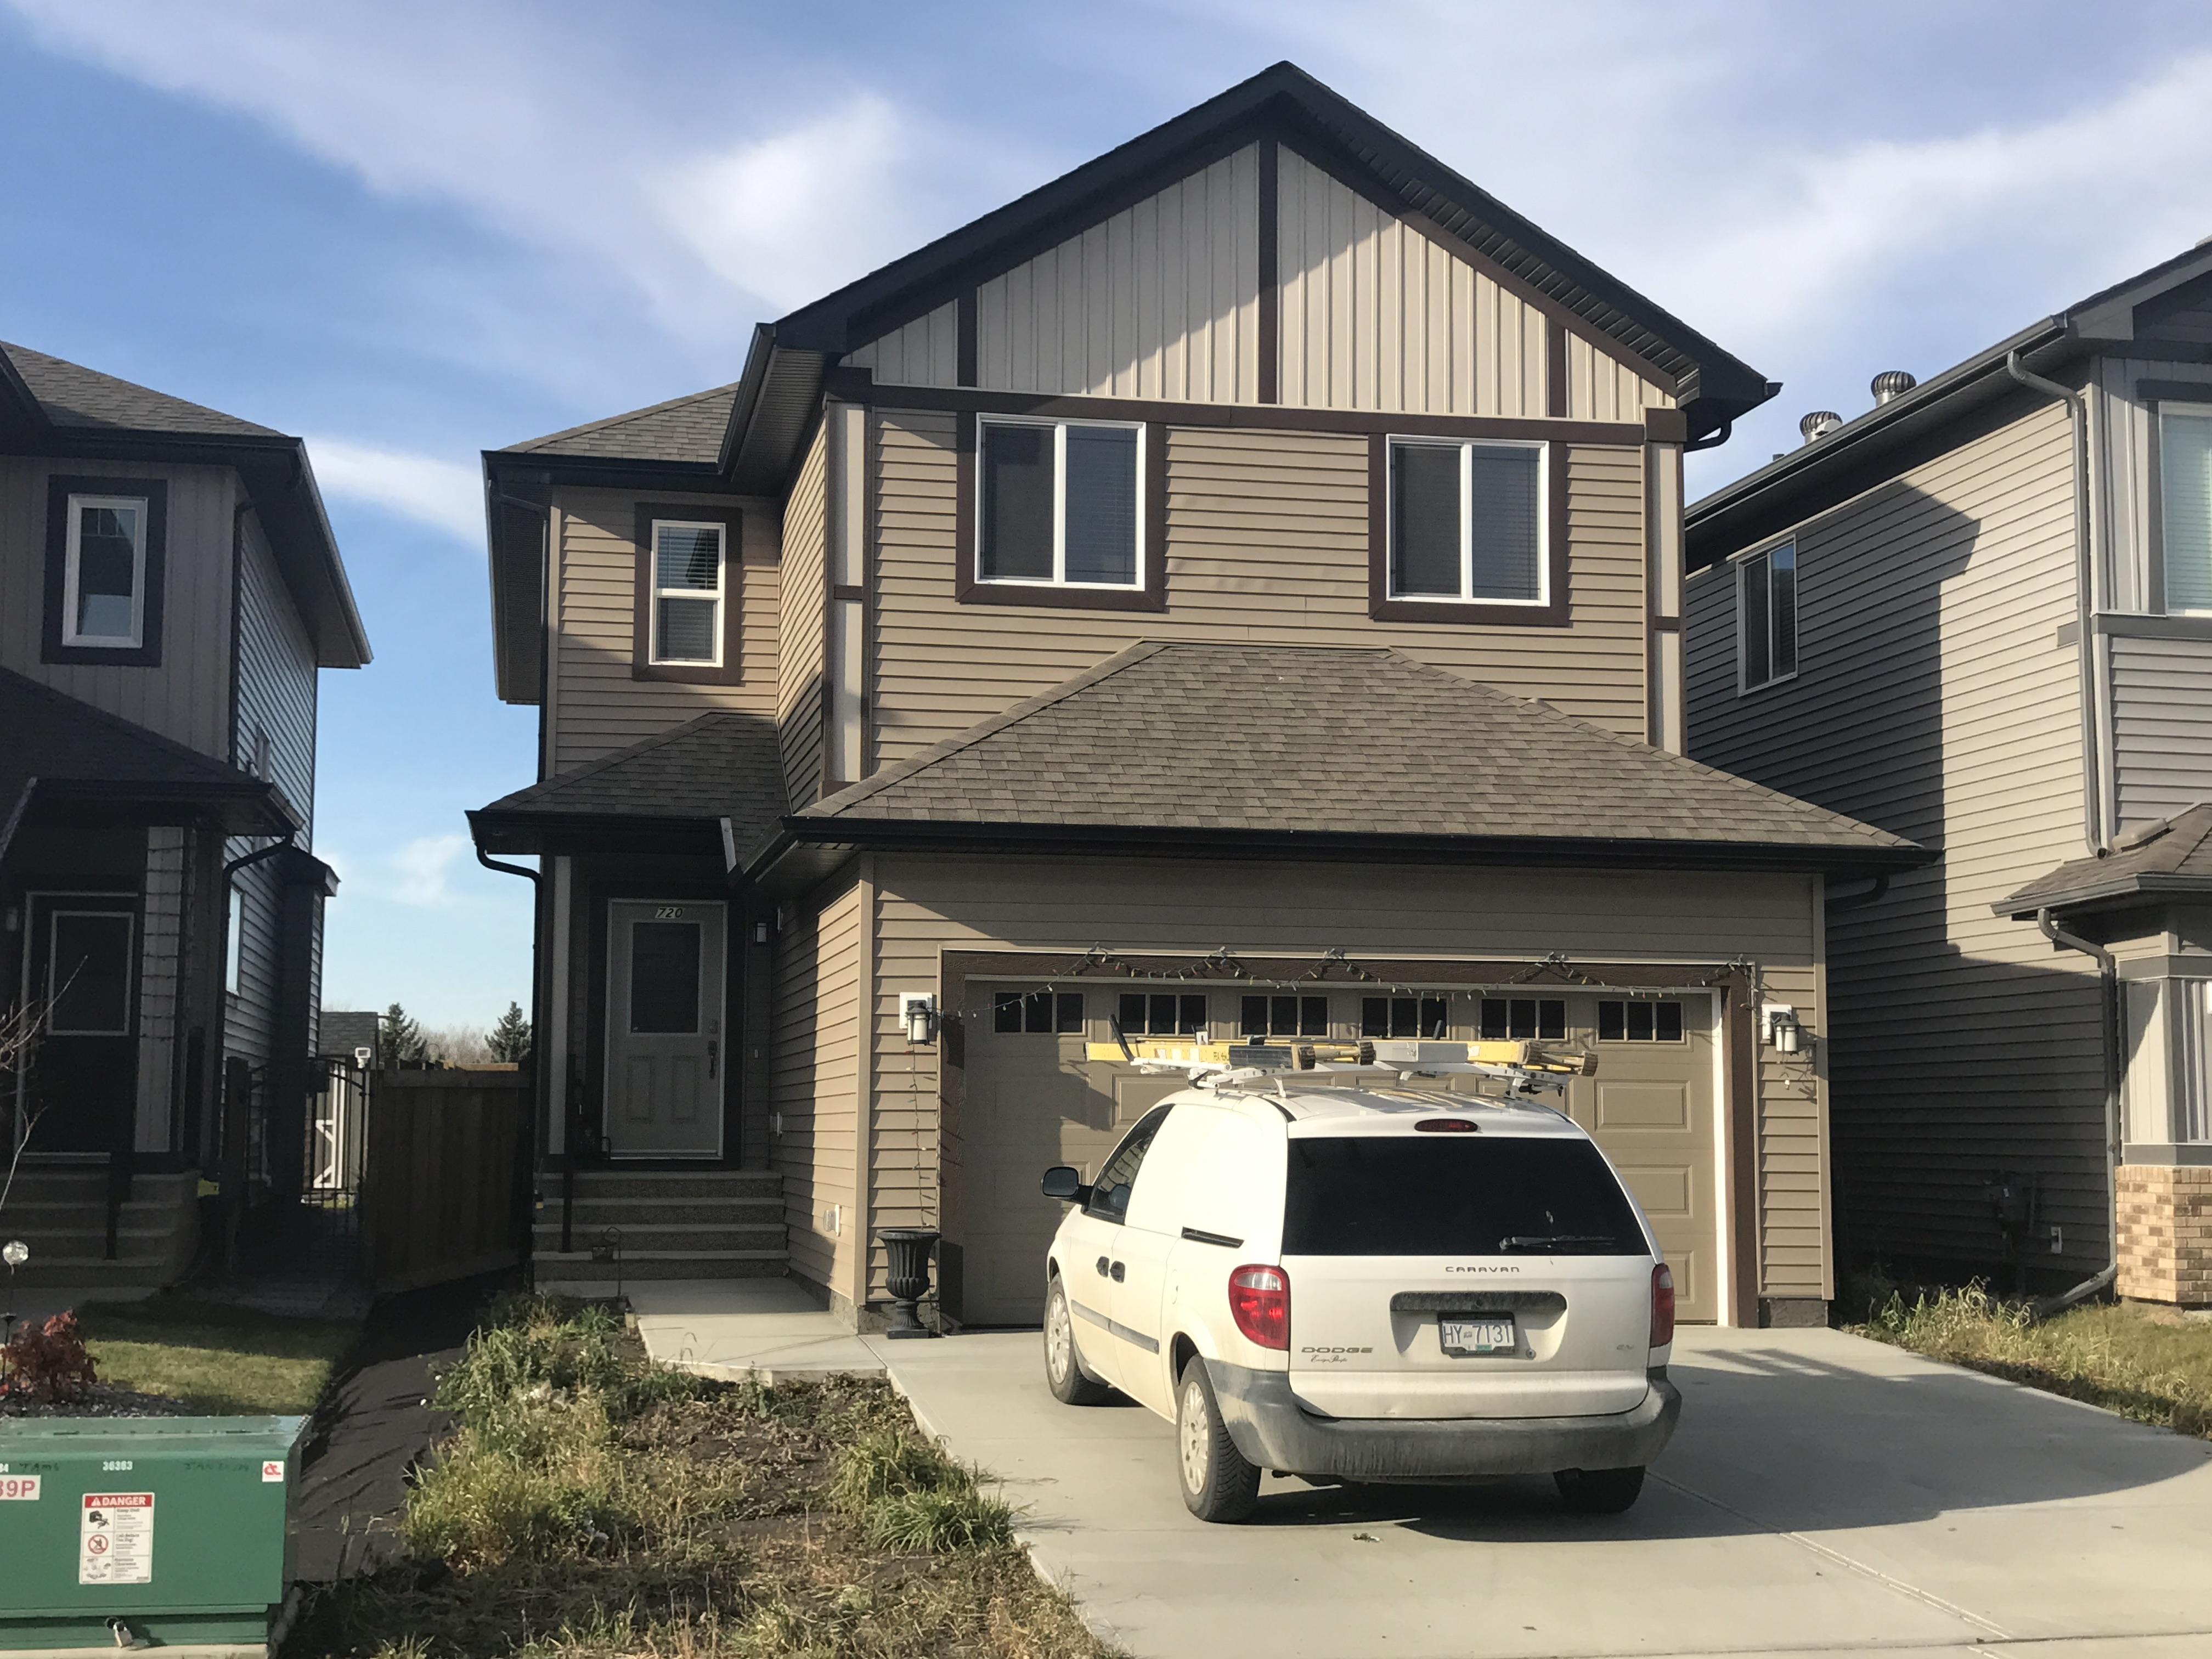 Furnished 5 bedroom house. WINDERMERE/LANGDALE $2750/month